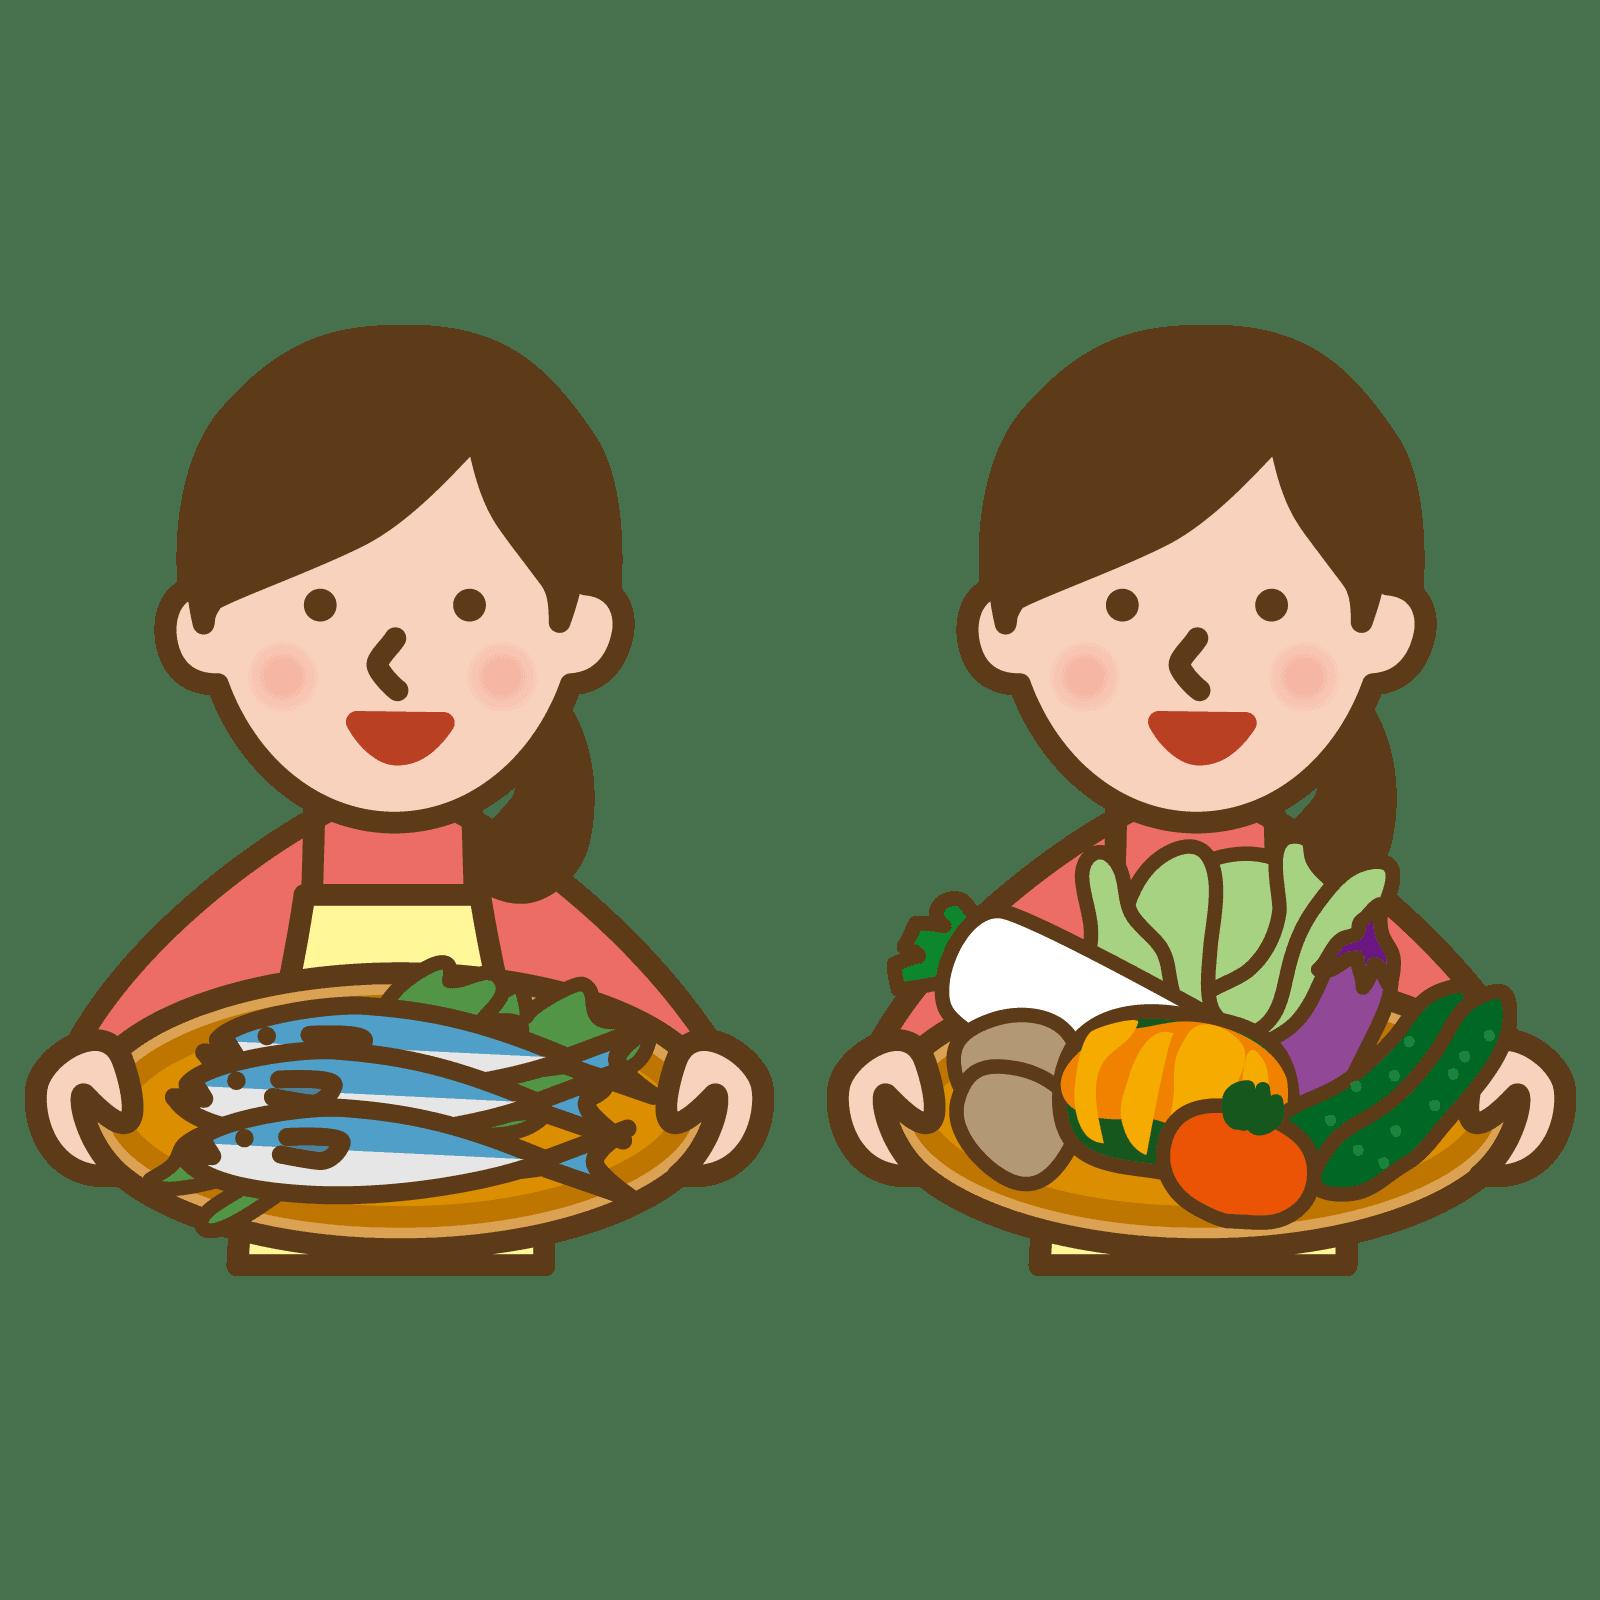 適切な食事のイメージ